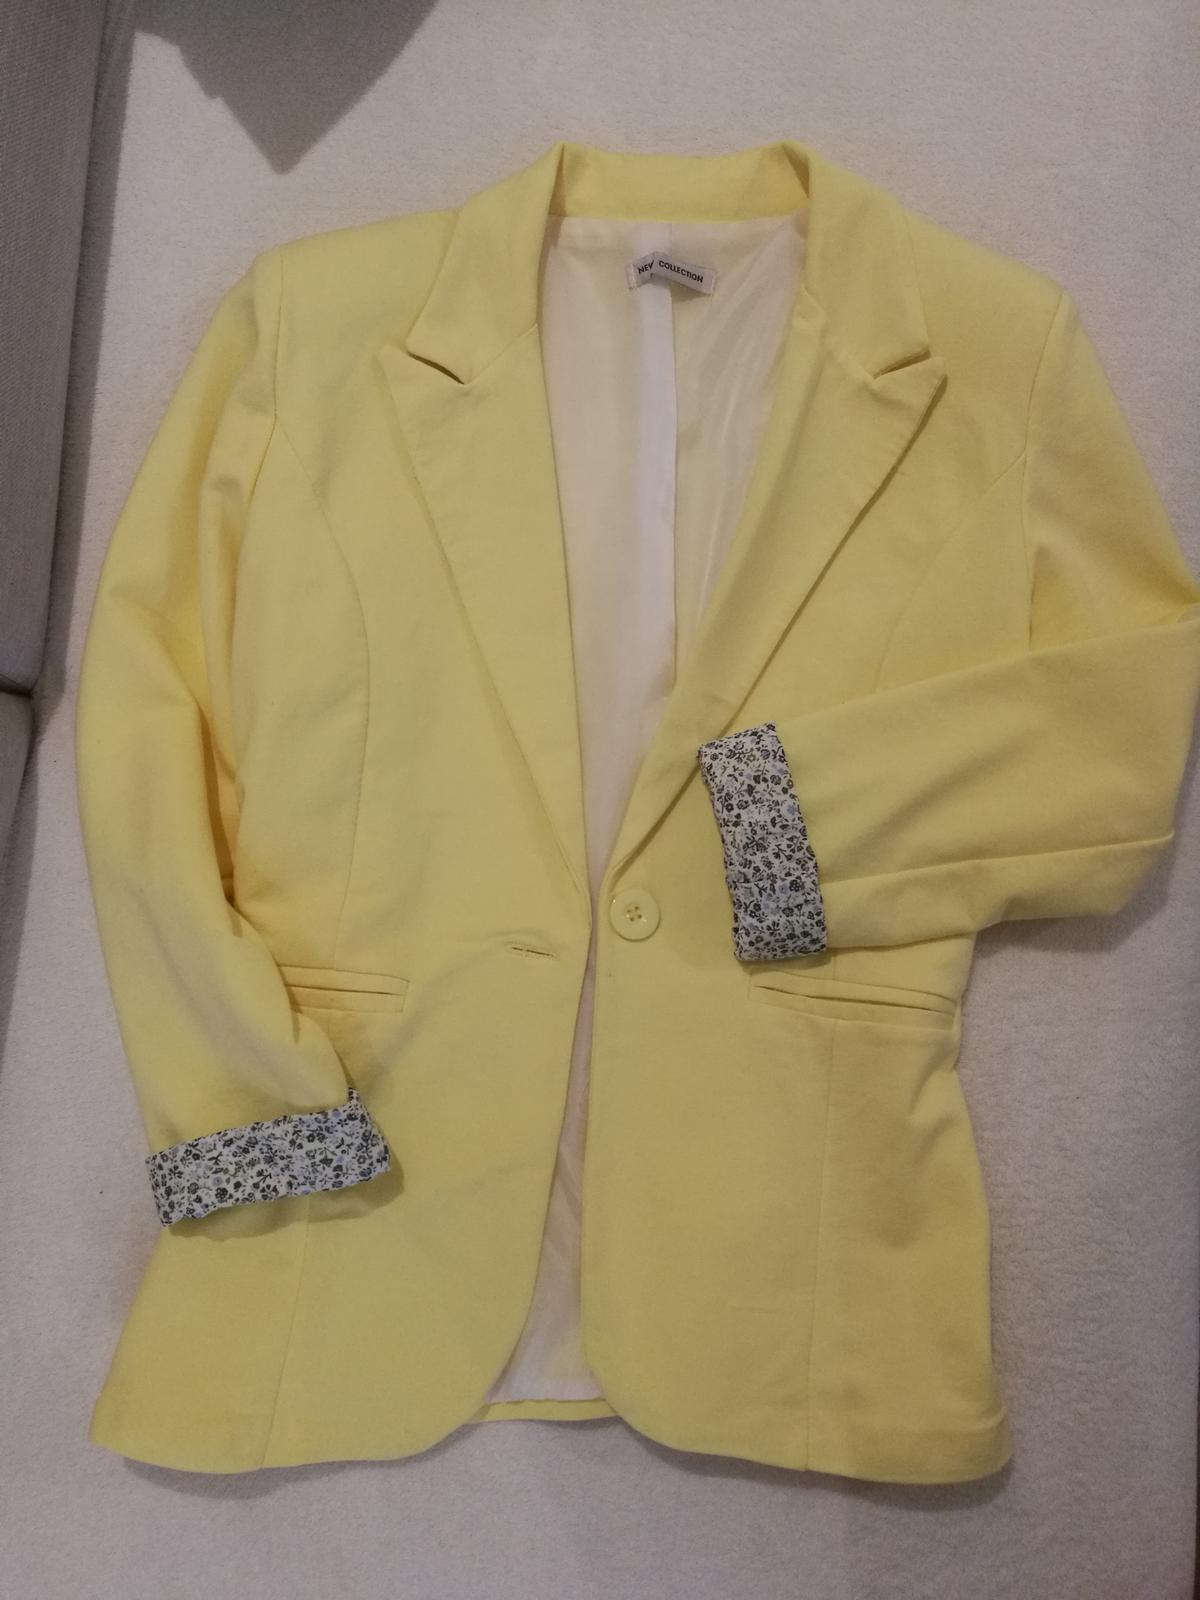 Žlté sako - Obrázok č. 1